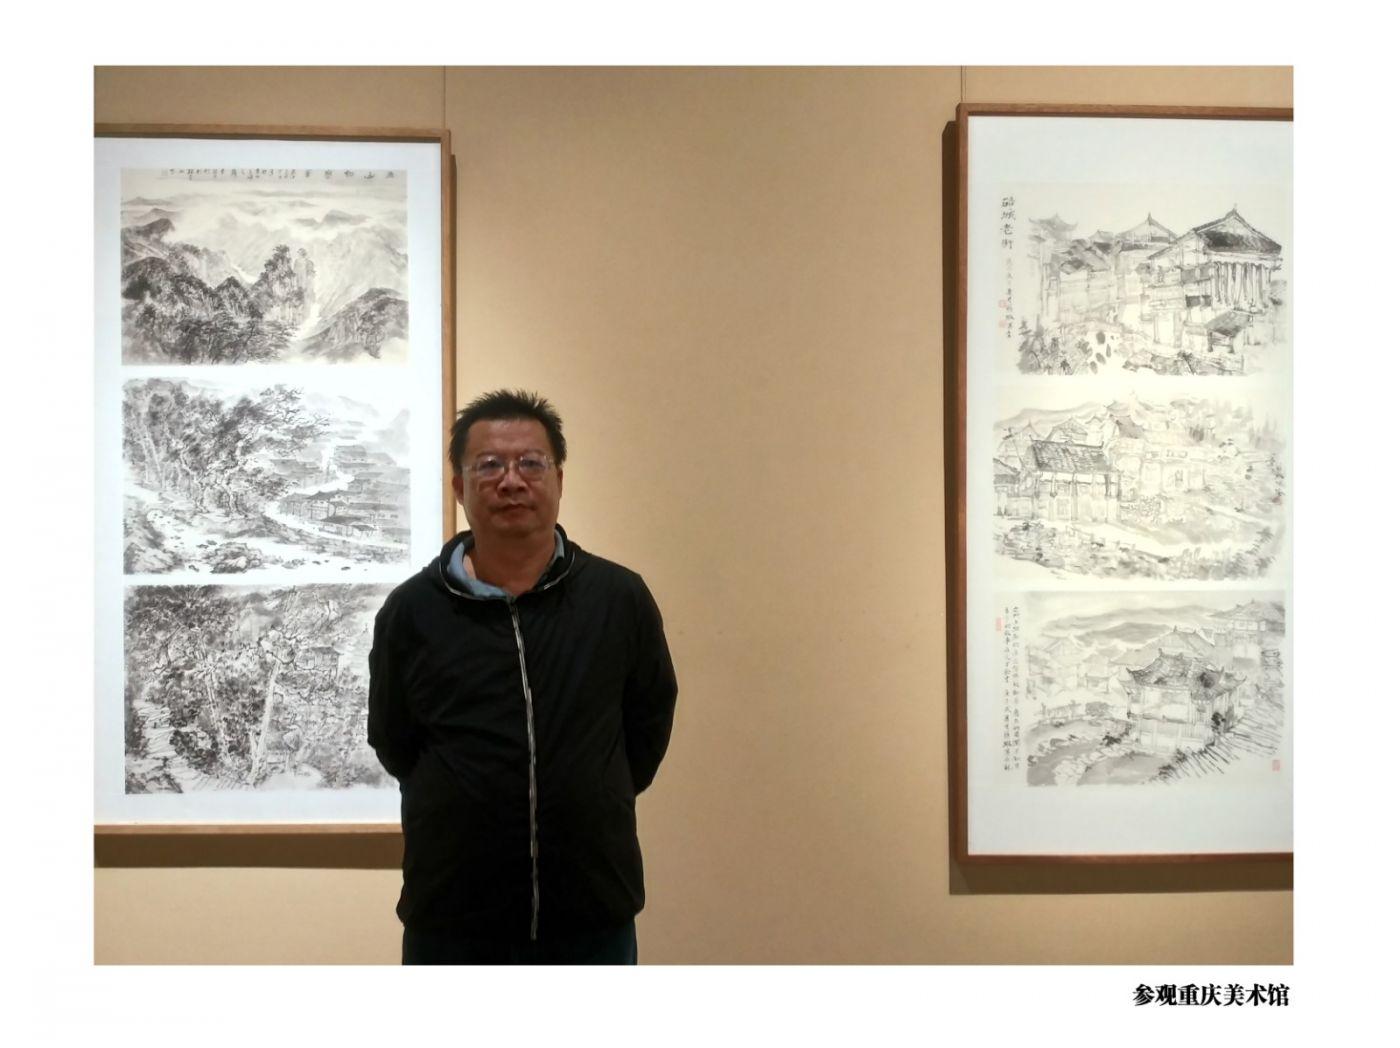 范建春老师写生中国之山城重庆_图1-6